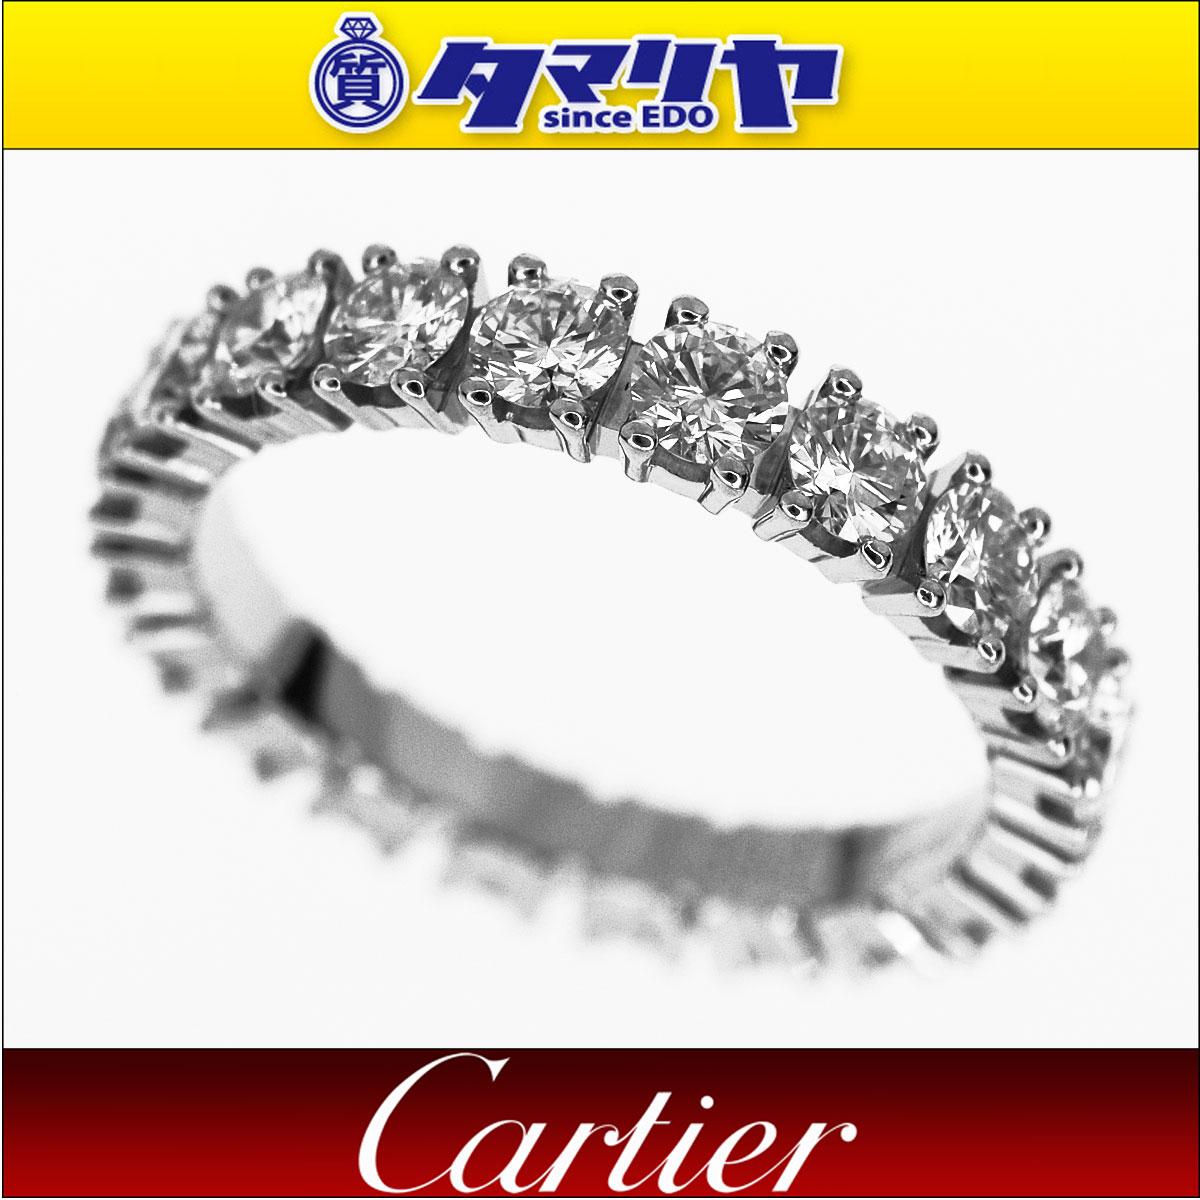 Cartier カルティエ ダイヤ(D1.39ct) デスティネ エタニティ リング Pt950 プラチナ 日本サイズ約6号 #46【送料無料】【代引き手数料無料】指輪 レディース【中古】30150203